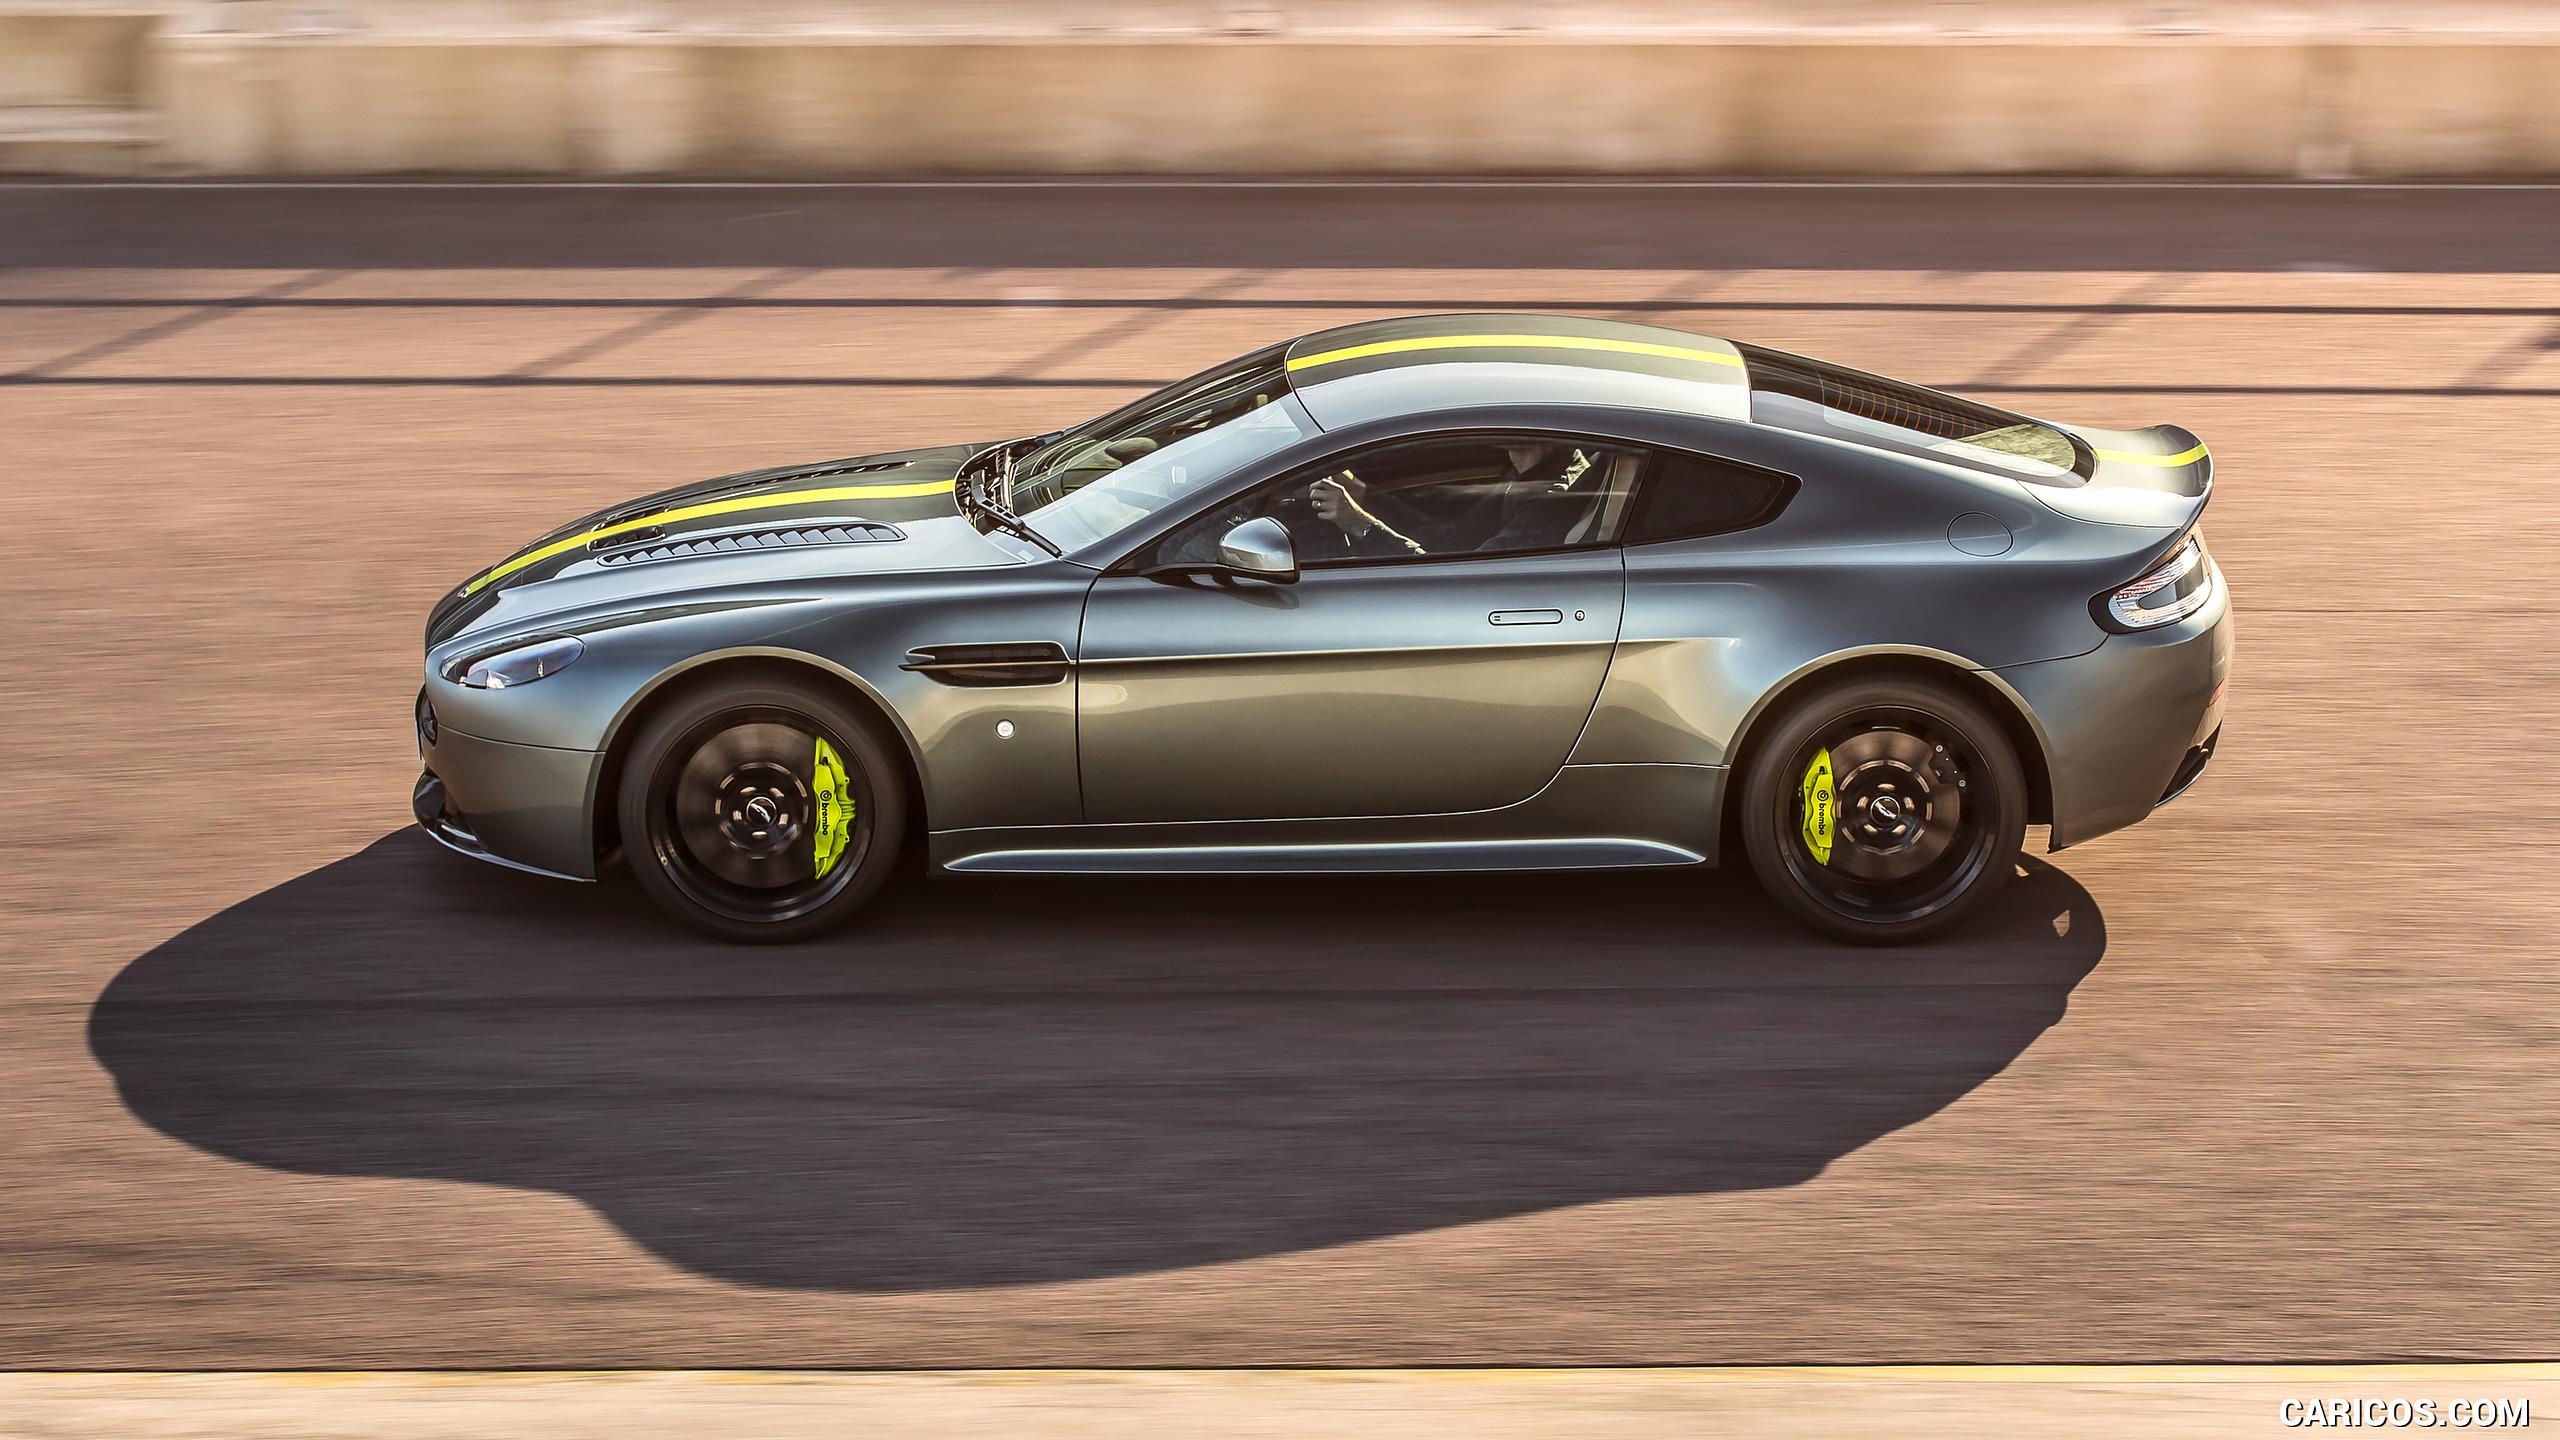 2018 Aston Martin Vantage AMR V12 HD Wallpaper 14 2560x1440